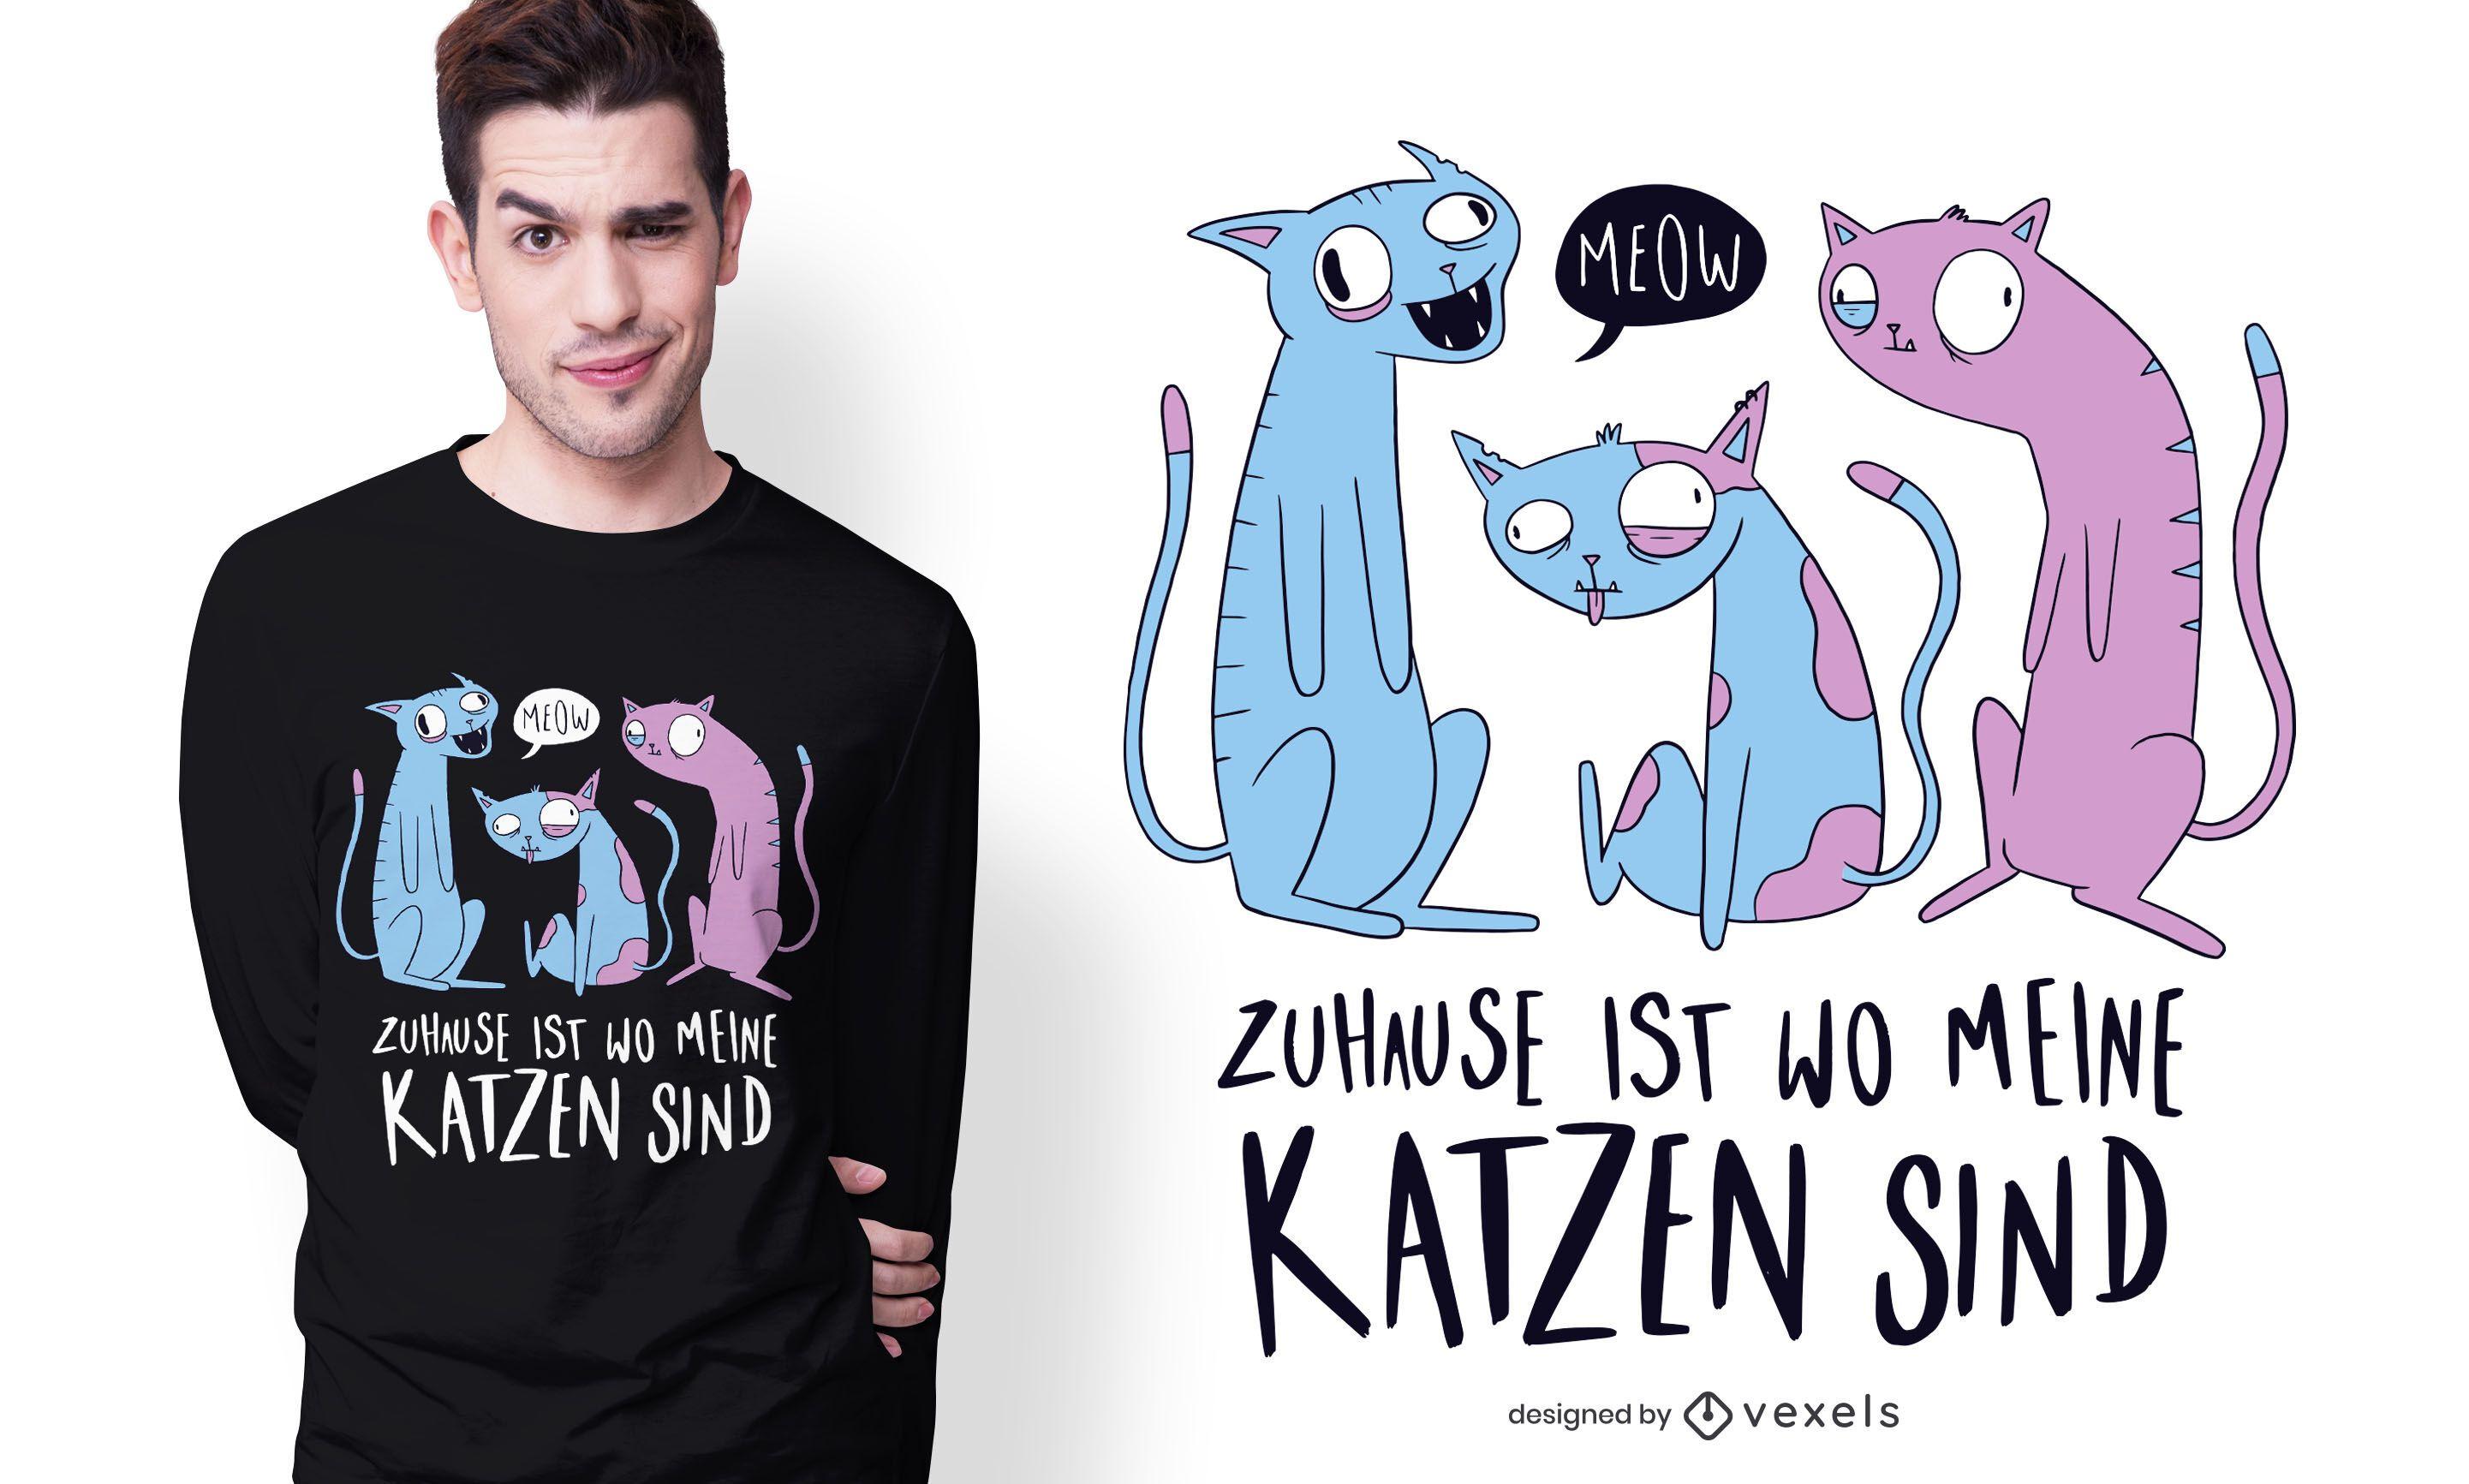 Home cats german t-shirt design